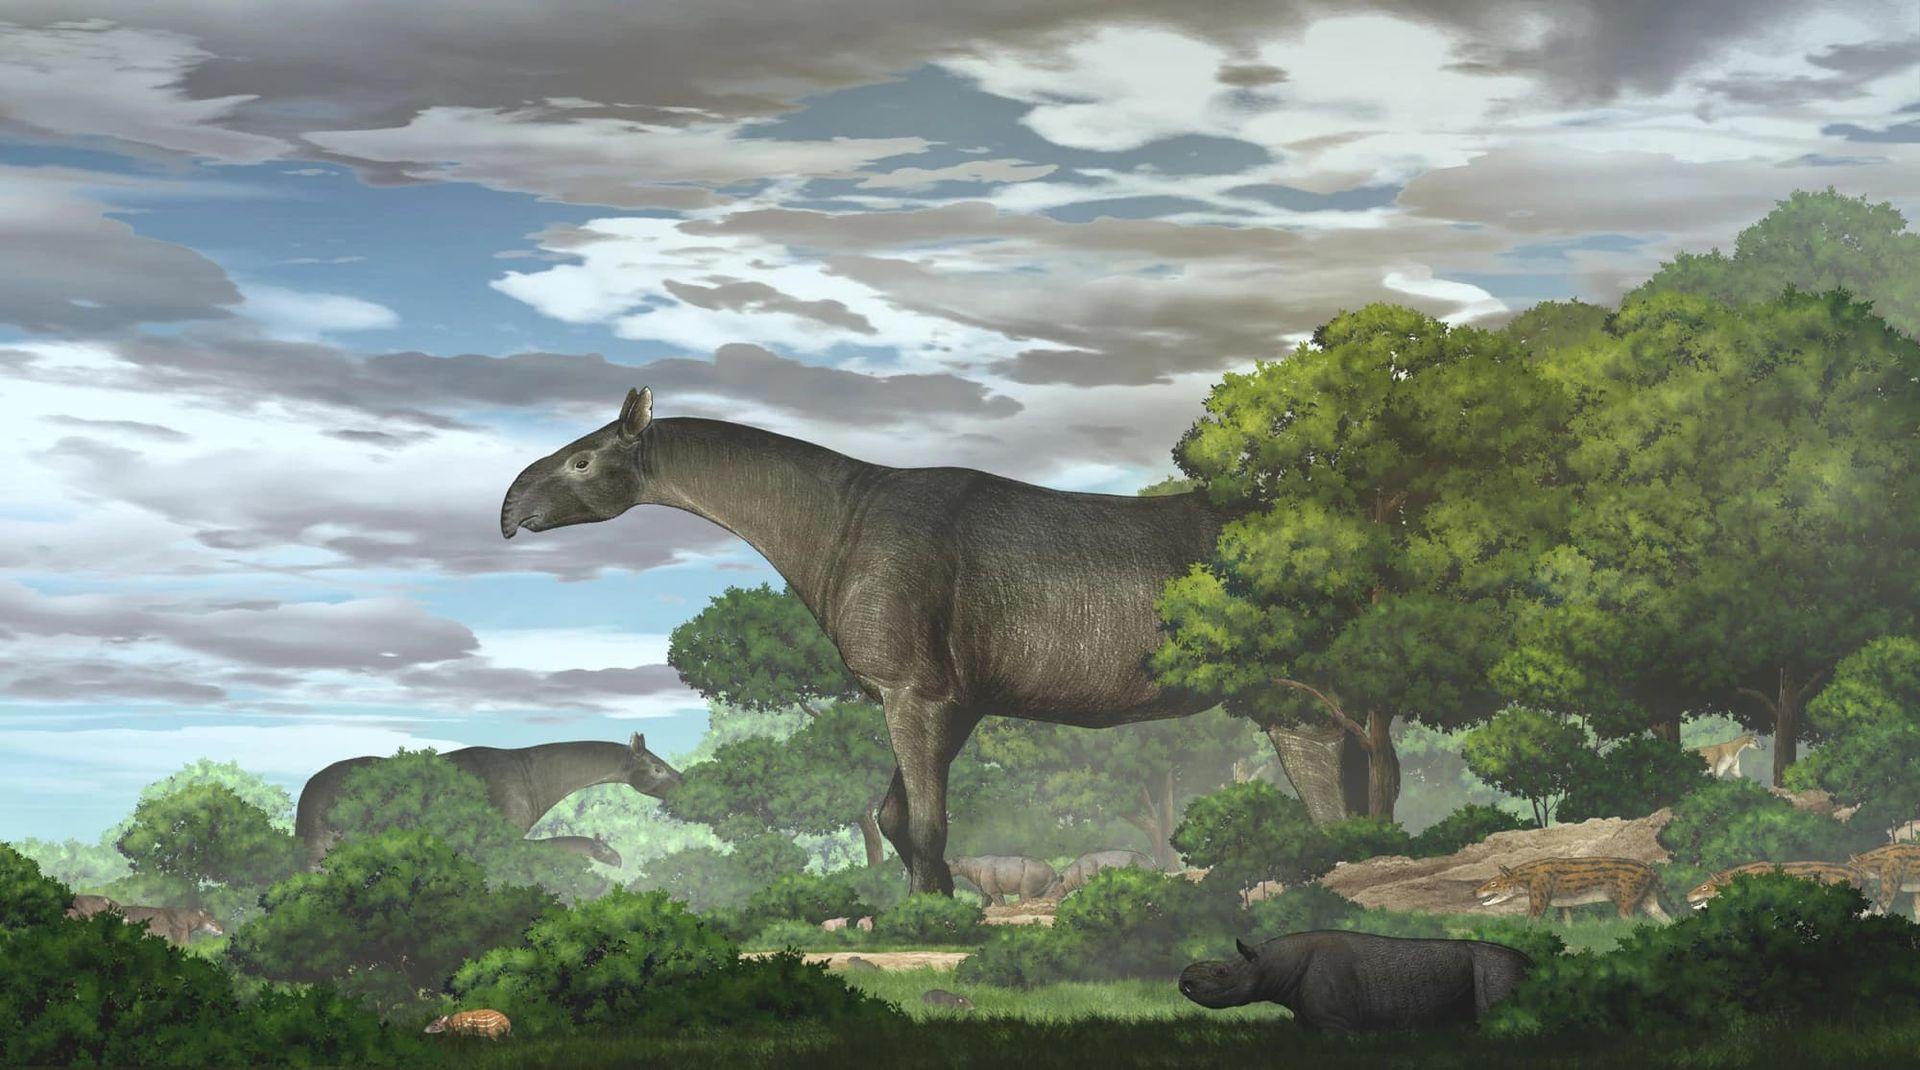 Fossil från jättenoshörning hittad i Kina